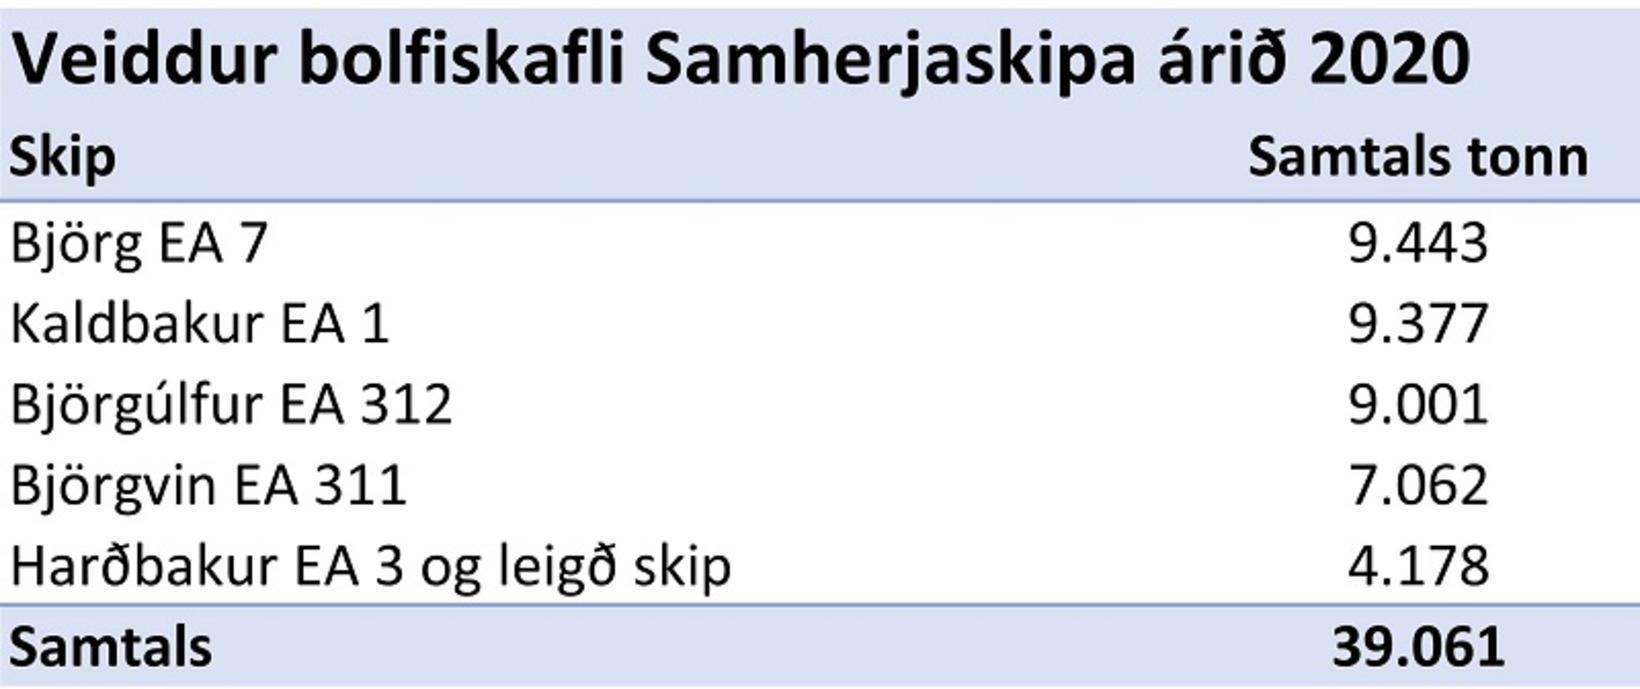 Bolfiskafli skipa Samherja.